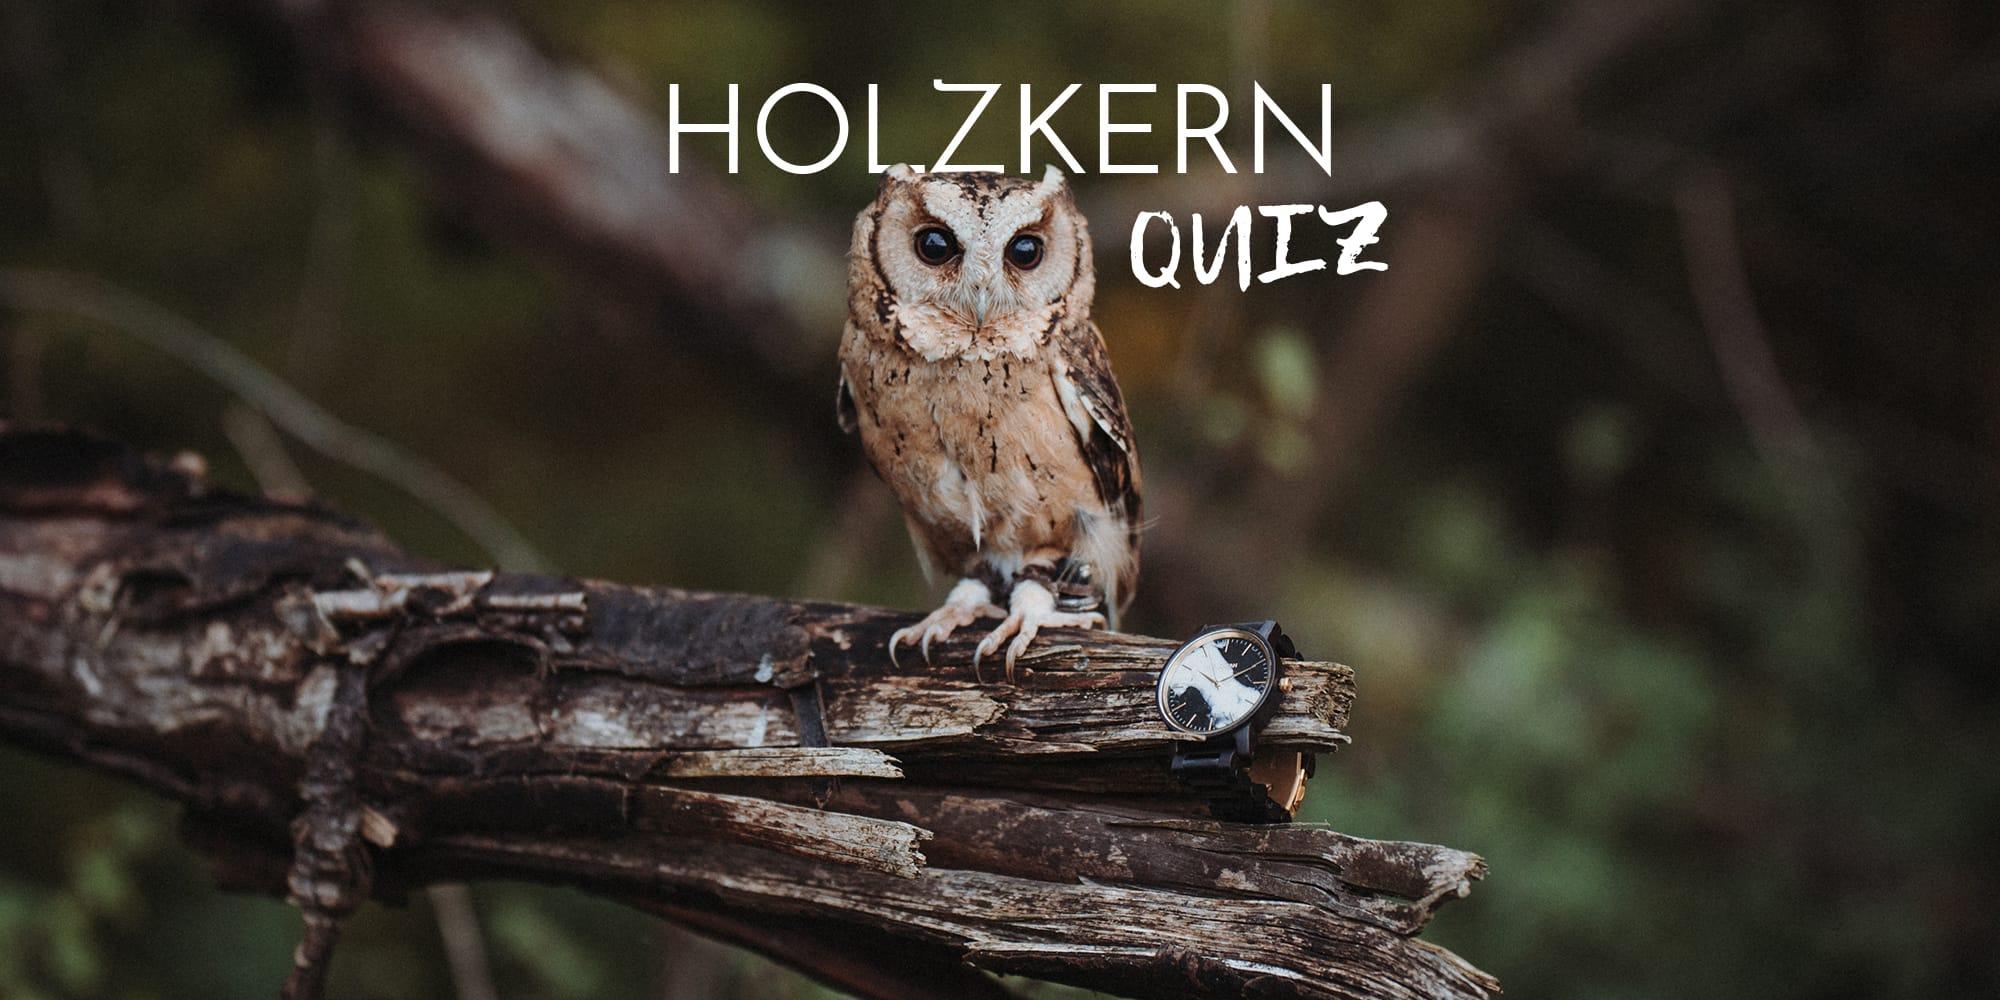 Le grand quiz de la chouette Holzkern